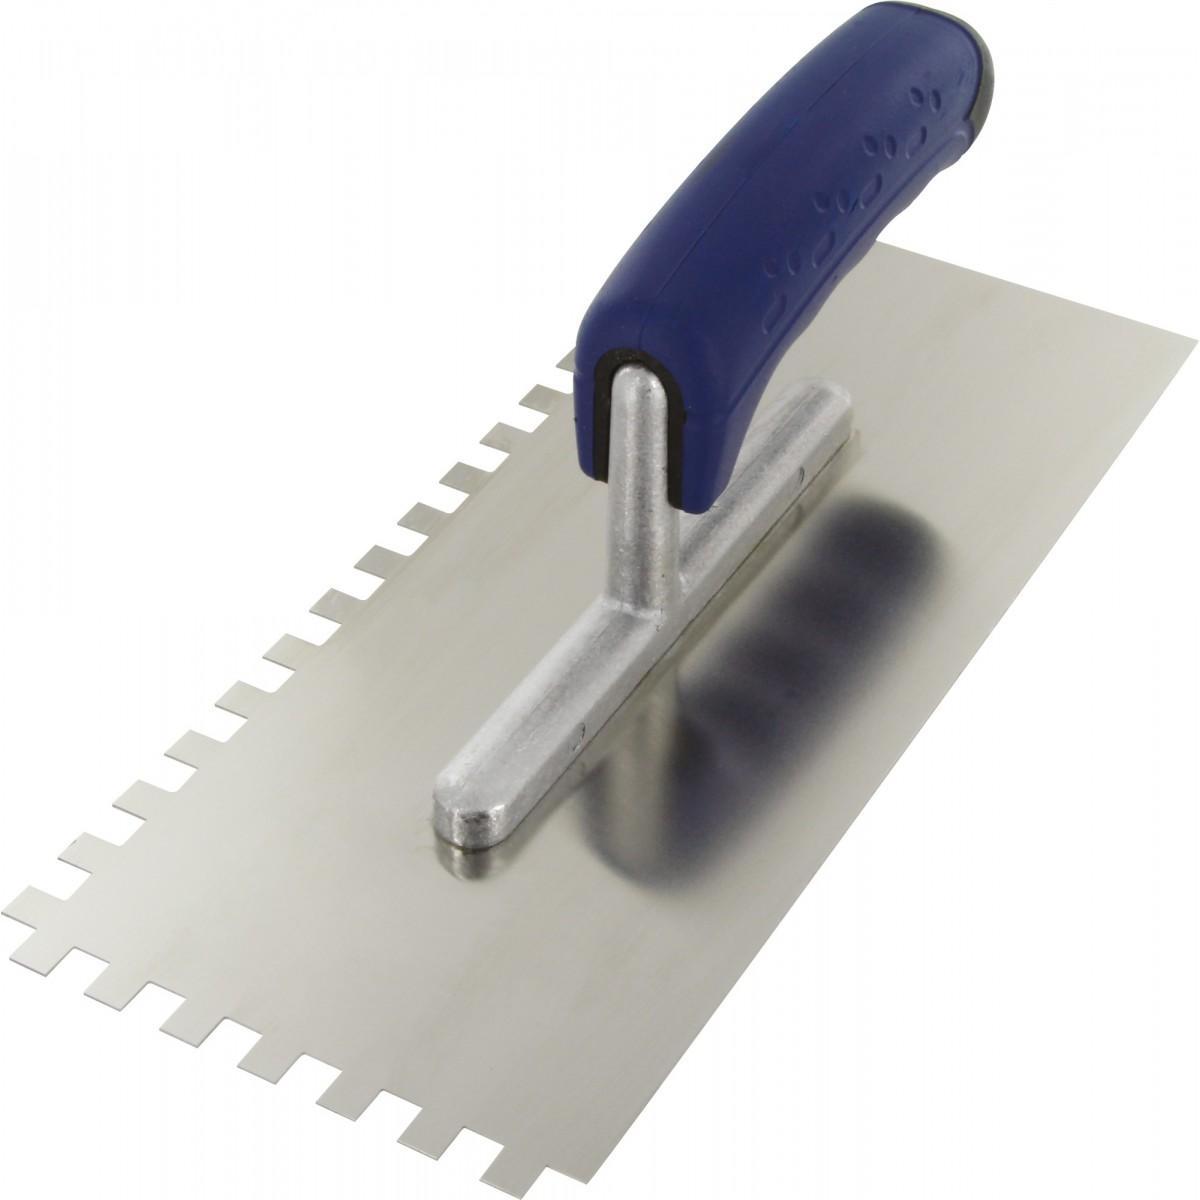 Platoir lame acier inoxydable dentée sur deux cotés Outibat - Denture de 8 x 8 - Dimensions 280 x 120 mm